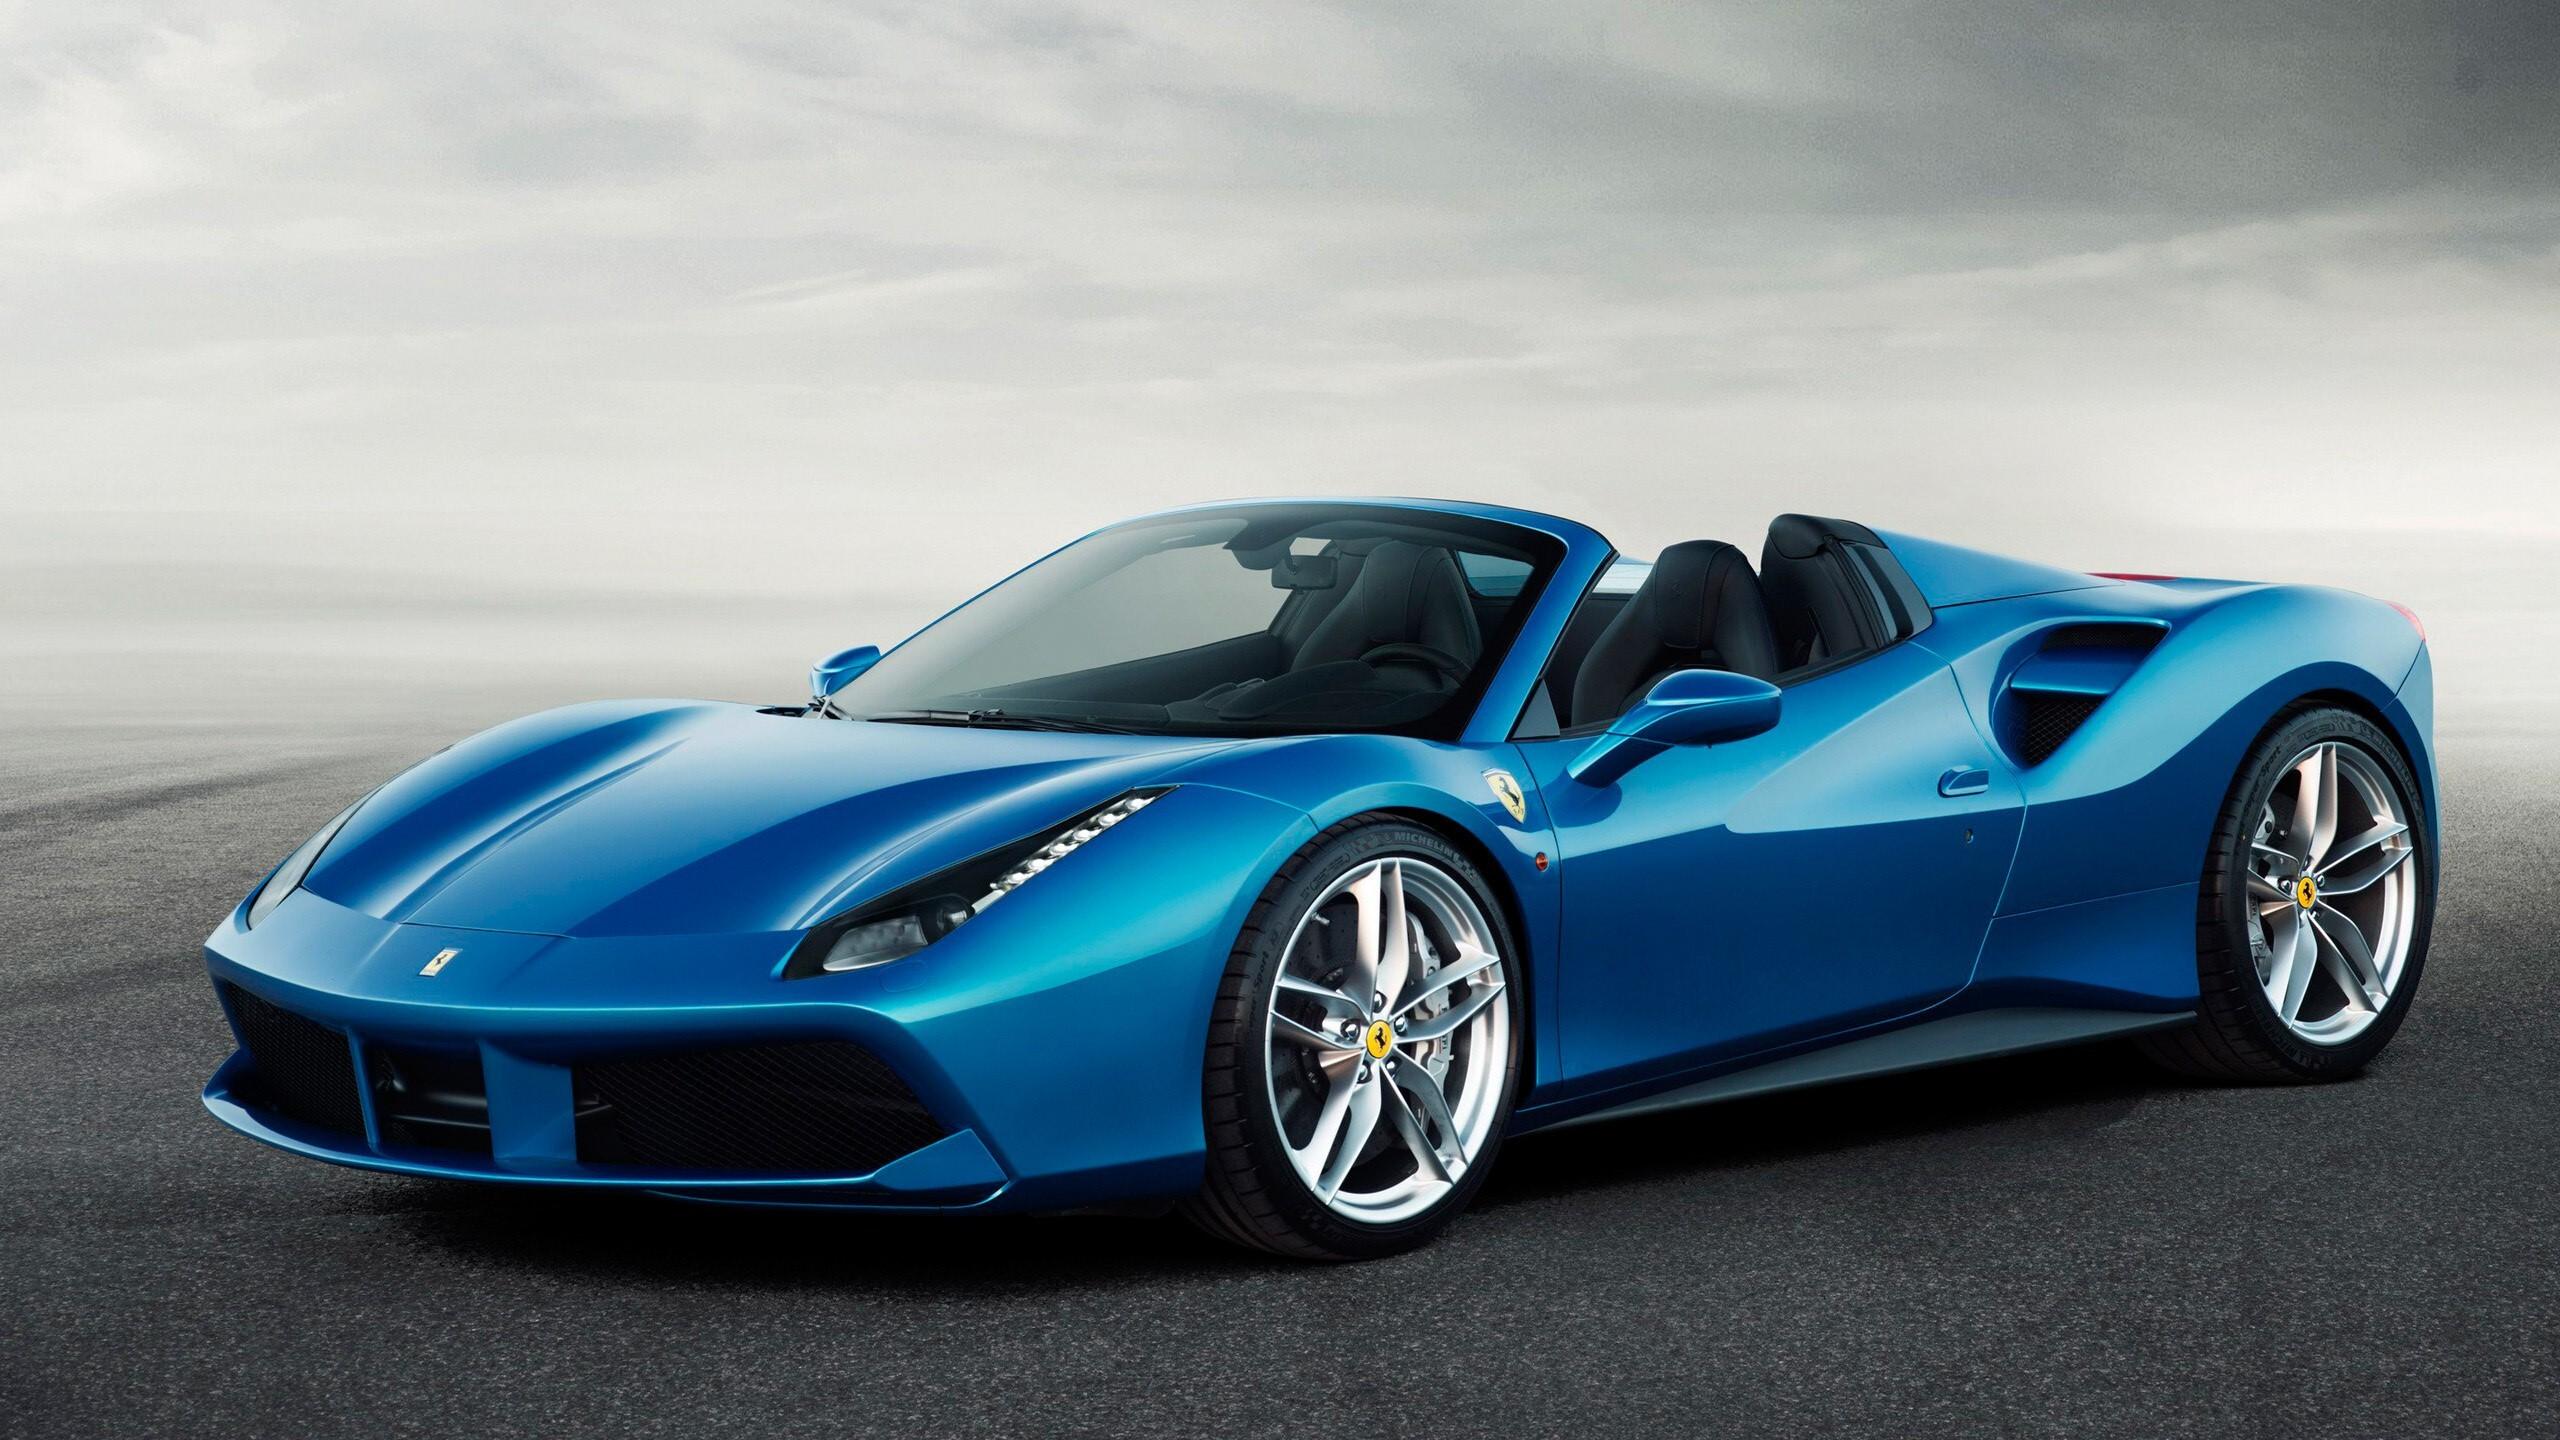 Download Wallpaper Car Ferrari  Images